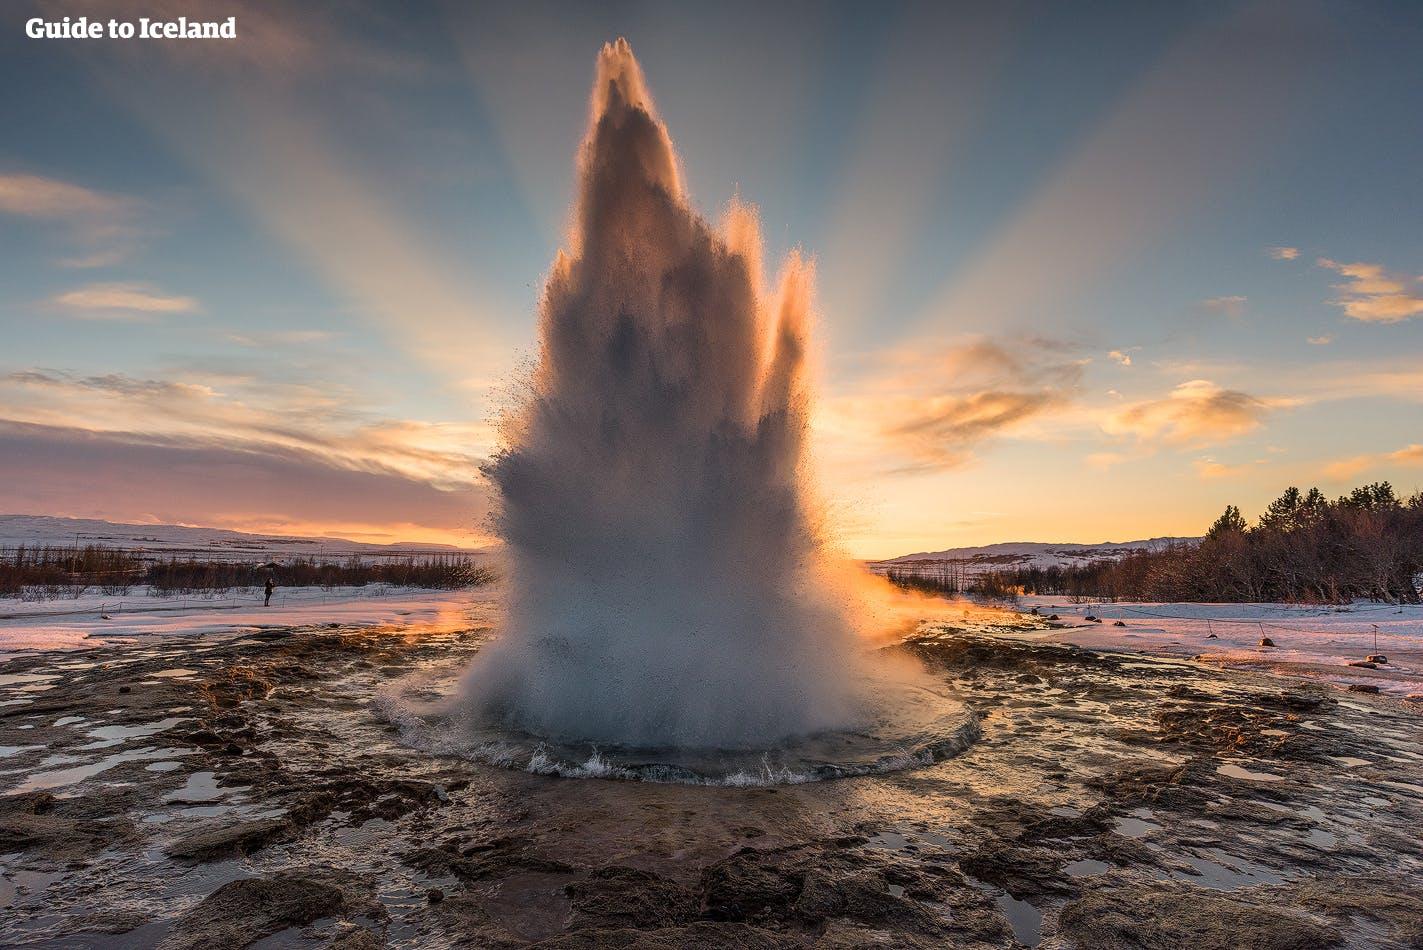 黄金圈景区的Strokkur间歇泉全年喷发,尽显冰岛地质运动的壮丽与奇妙